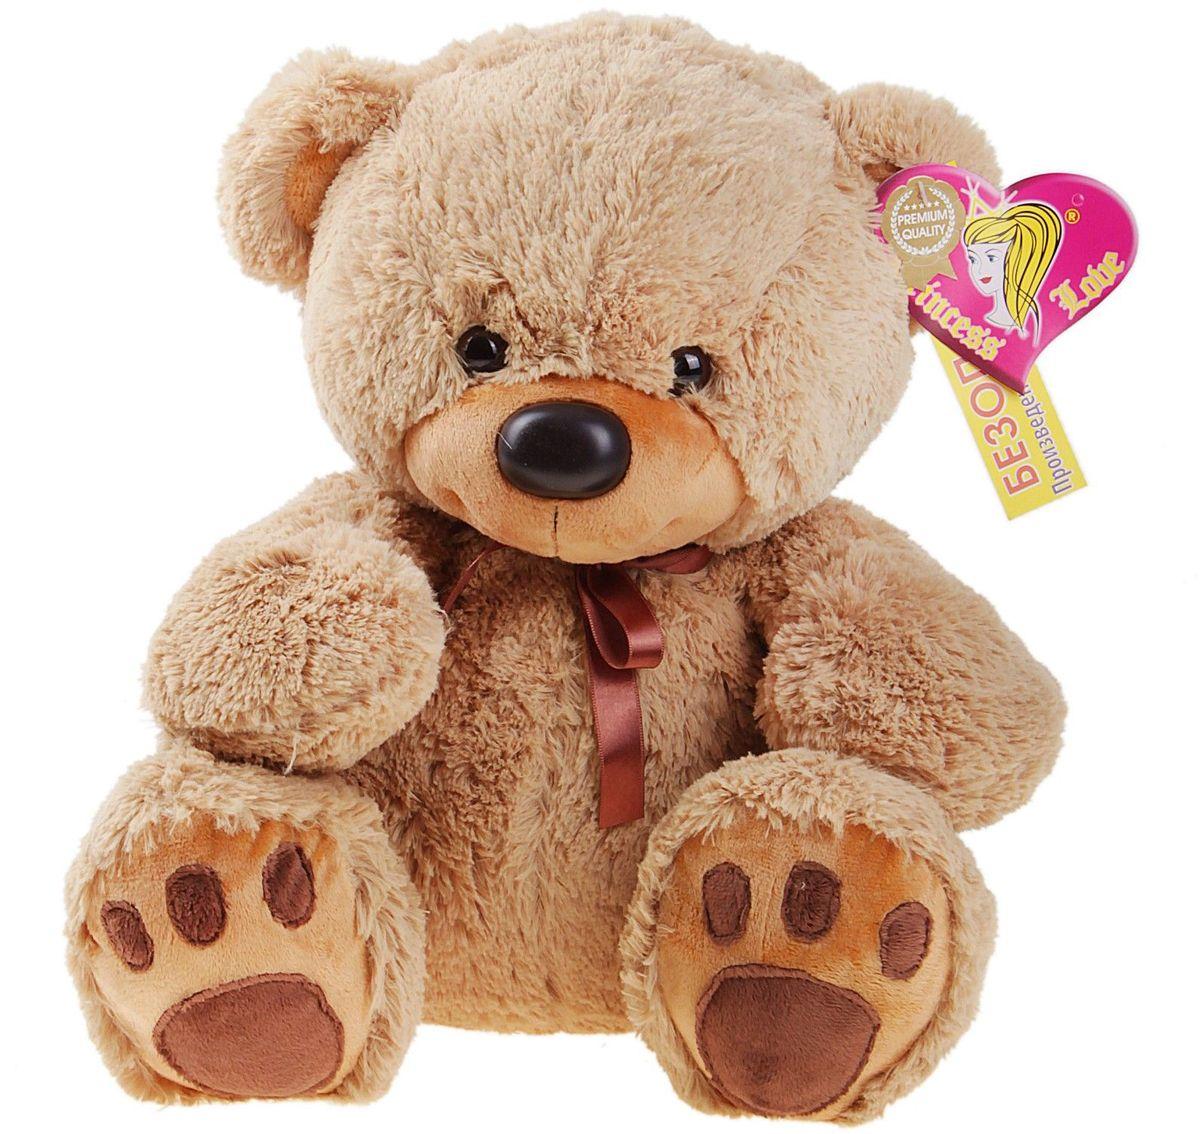 Princess Love Мягкая игрушка Мишка Косолапый 50 см 707260 оксана иванова мишка косолапый